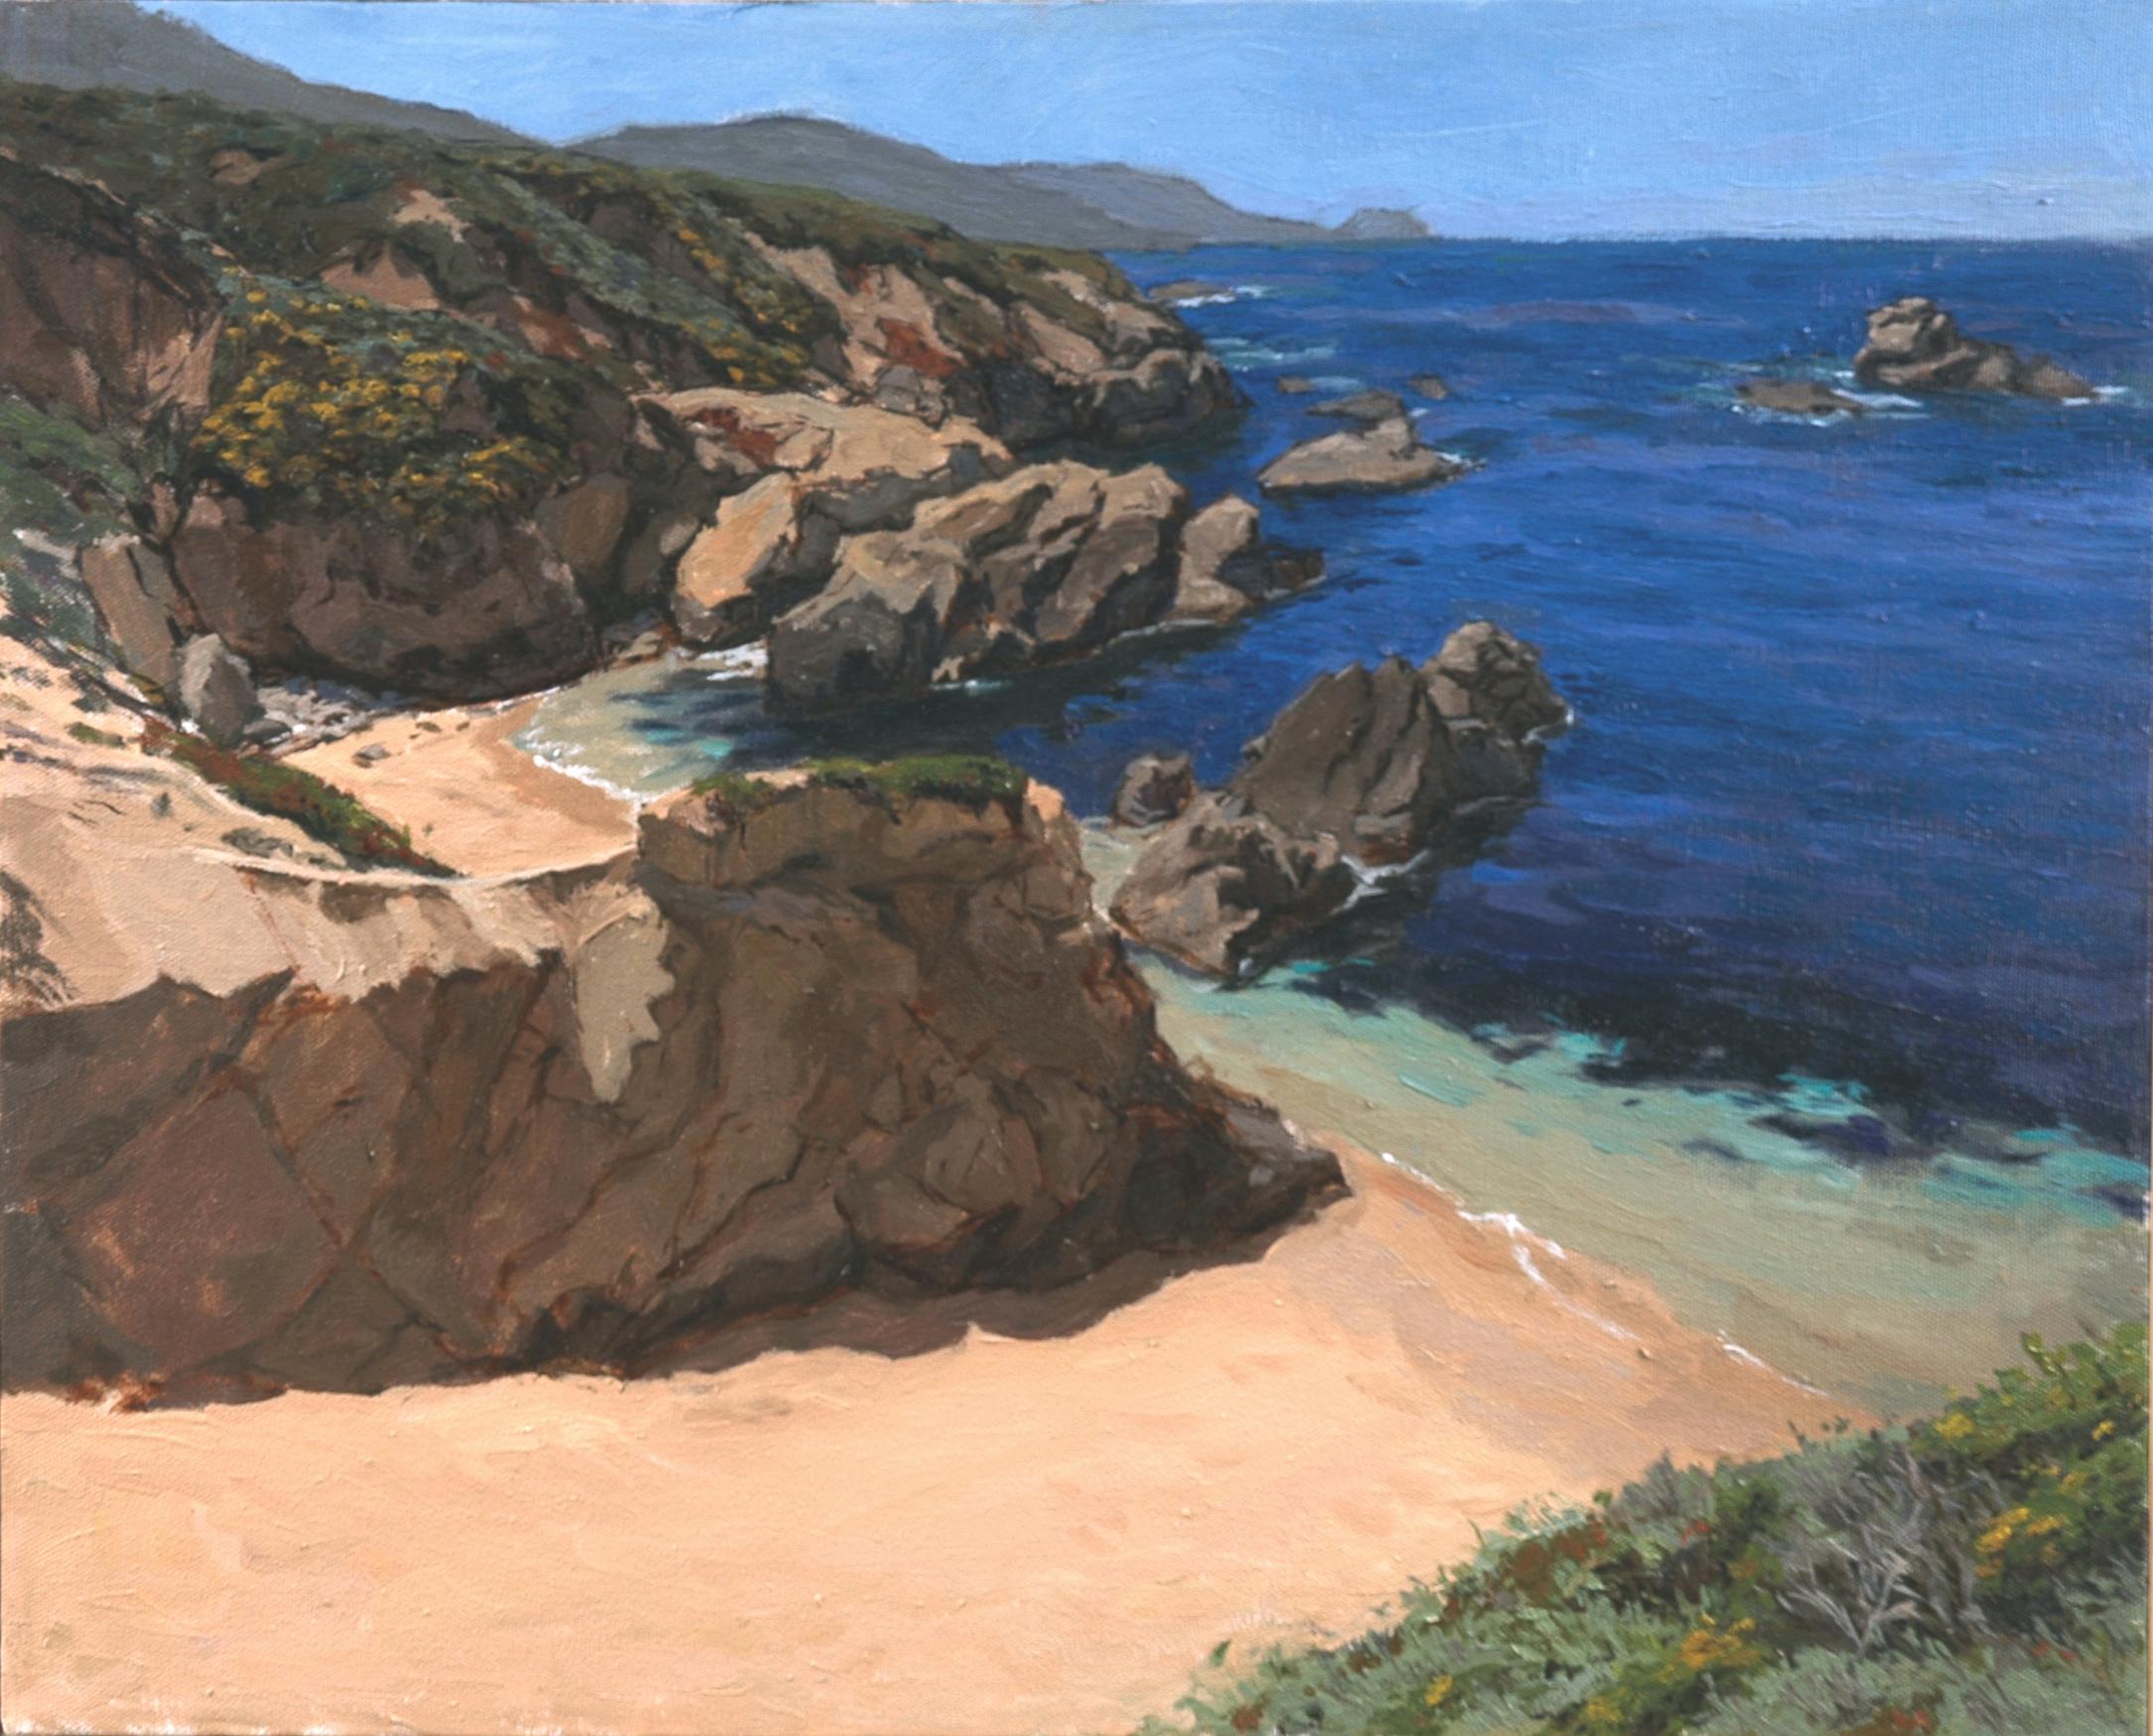 Garrapata Cove